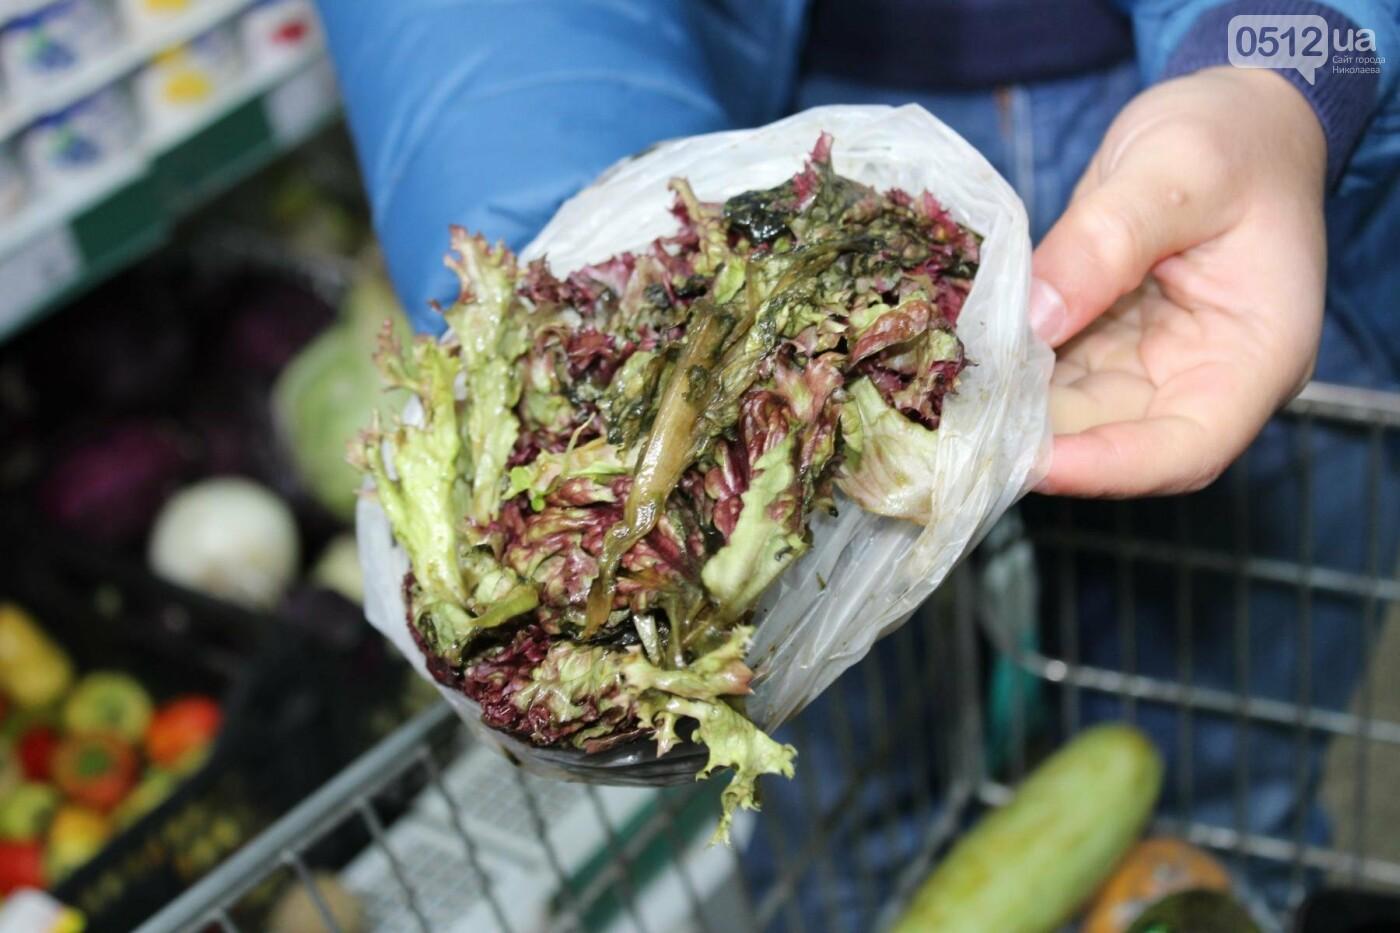 Проверка в супермаркетах: как николаевцам подсовывают испорченный товар (ФОТОРЕПОРТАЖ, ВИДЕО), фото-1